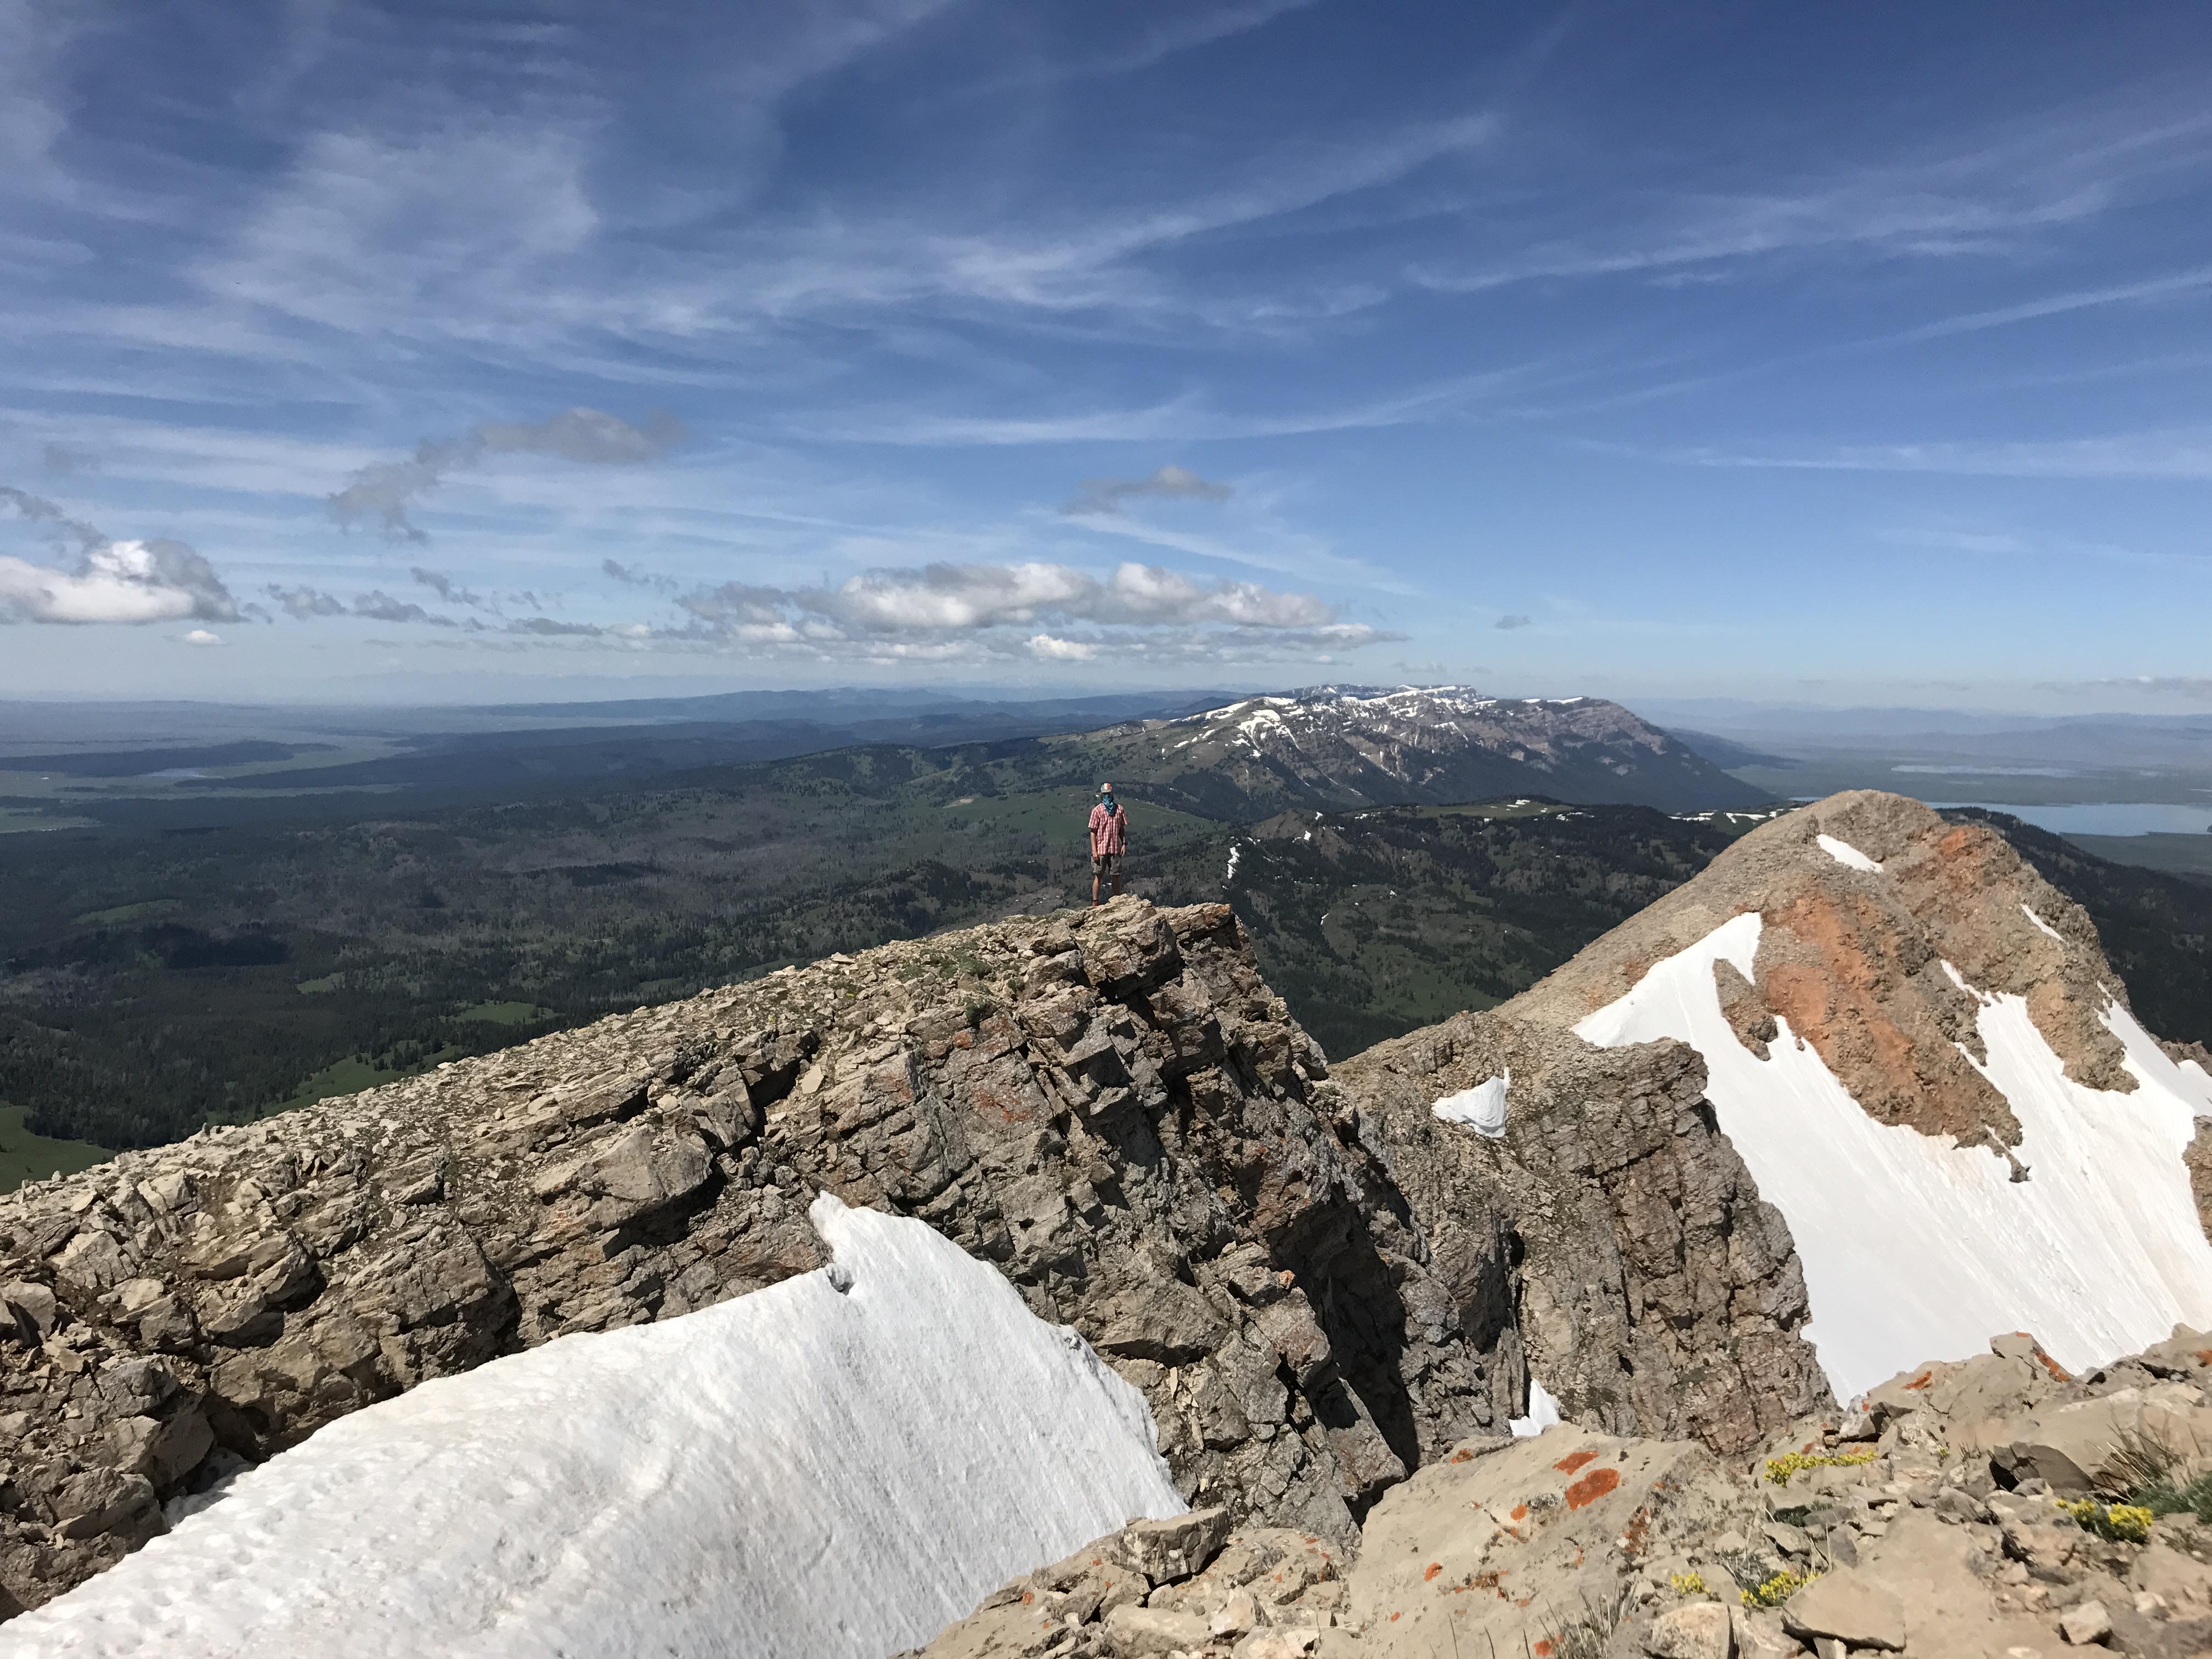 Centennial Mountains from highest peak Mount Jefferson